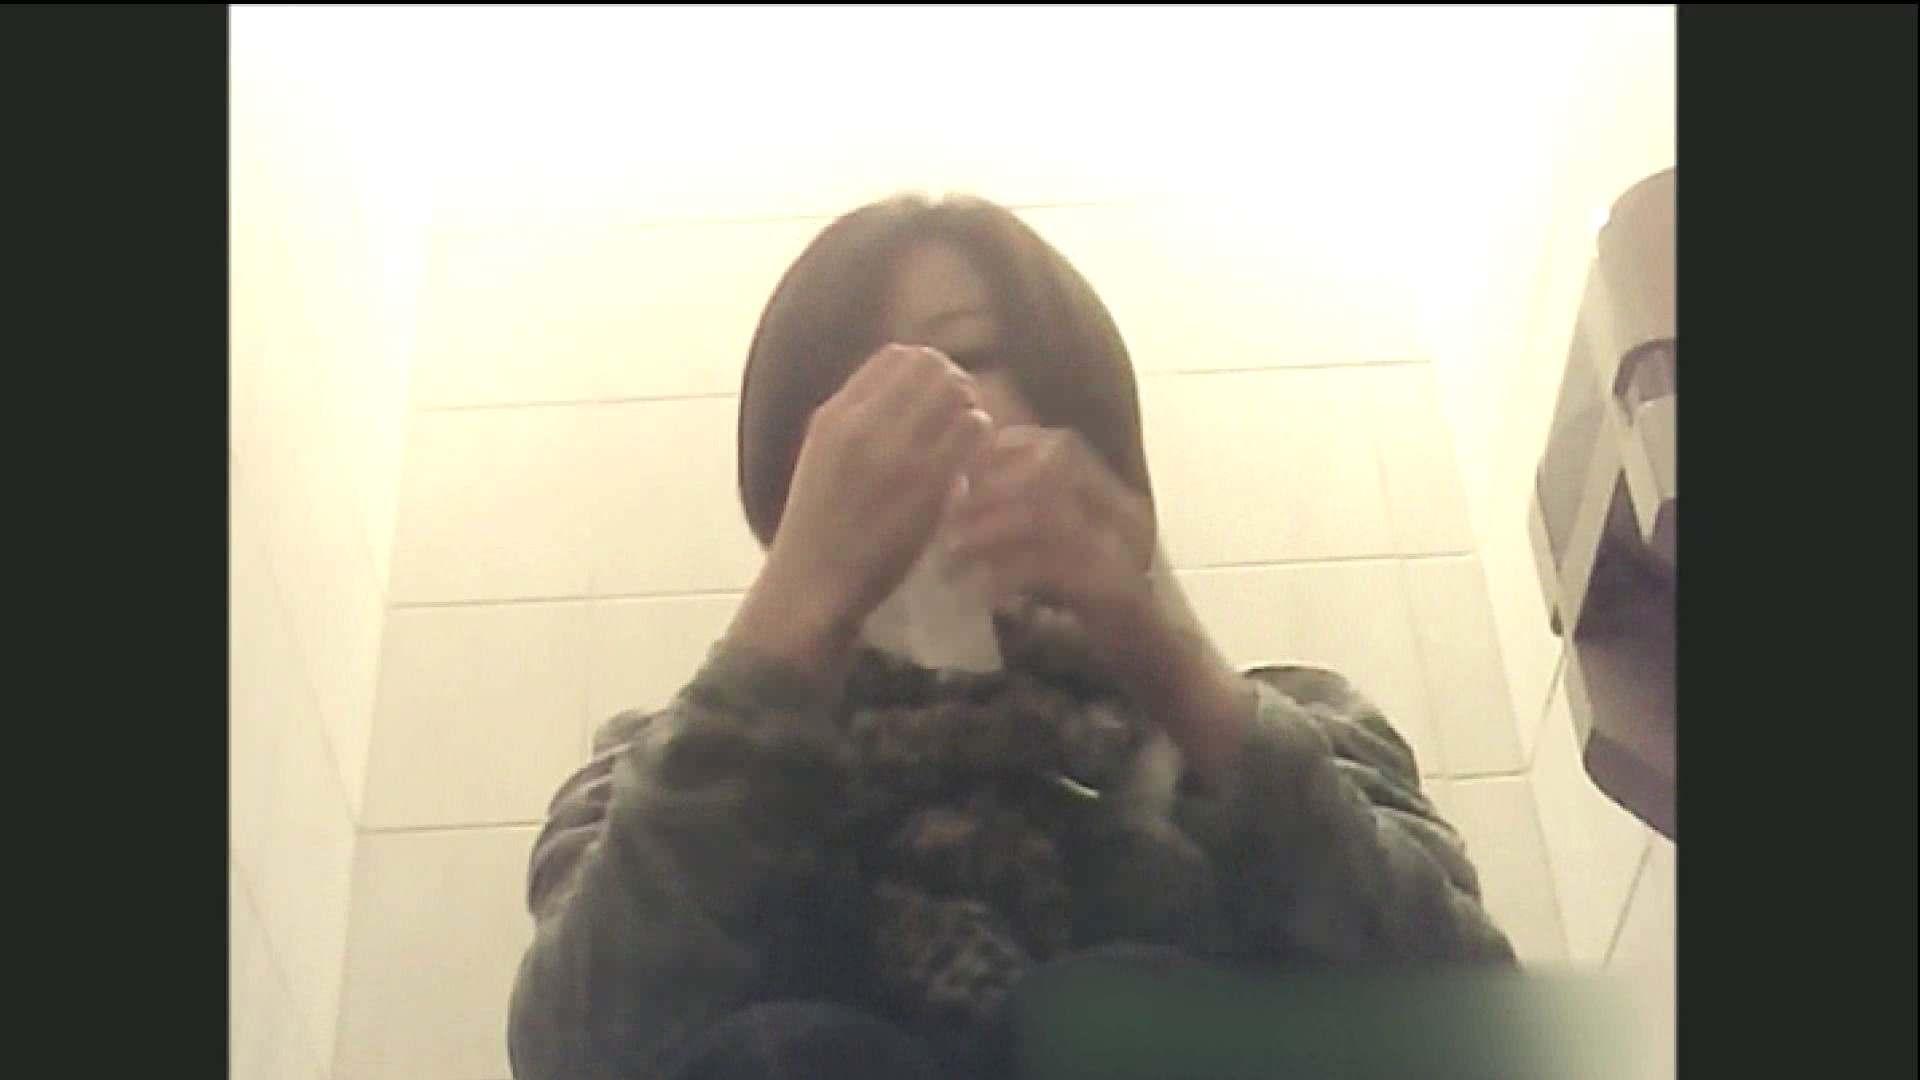 実録!!綺麗なお姉さんのトイレ事情・・・。vol.10 OLエロ画像 盗撮ヌード画像 92PICs 70